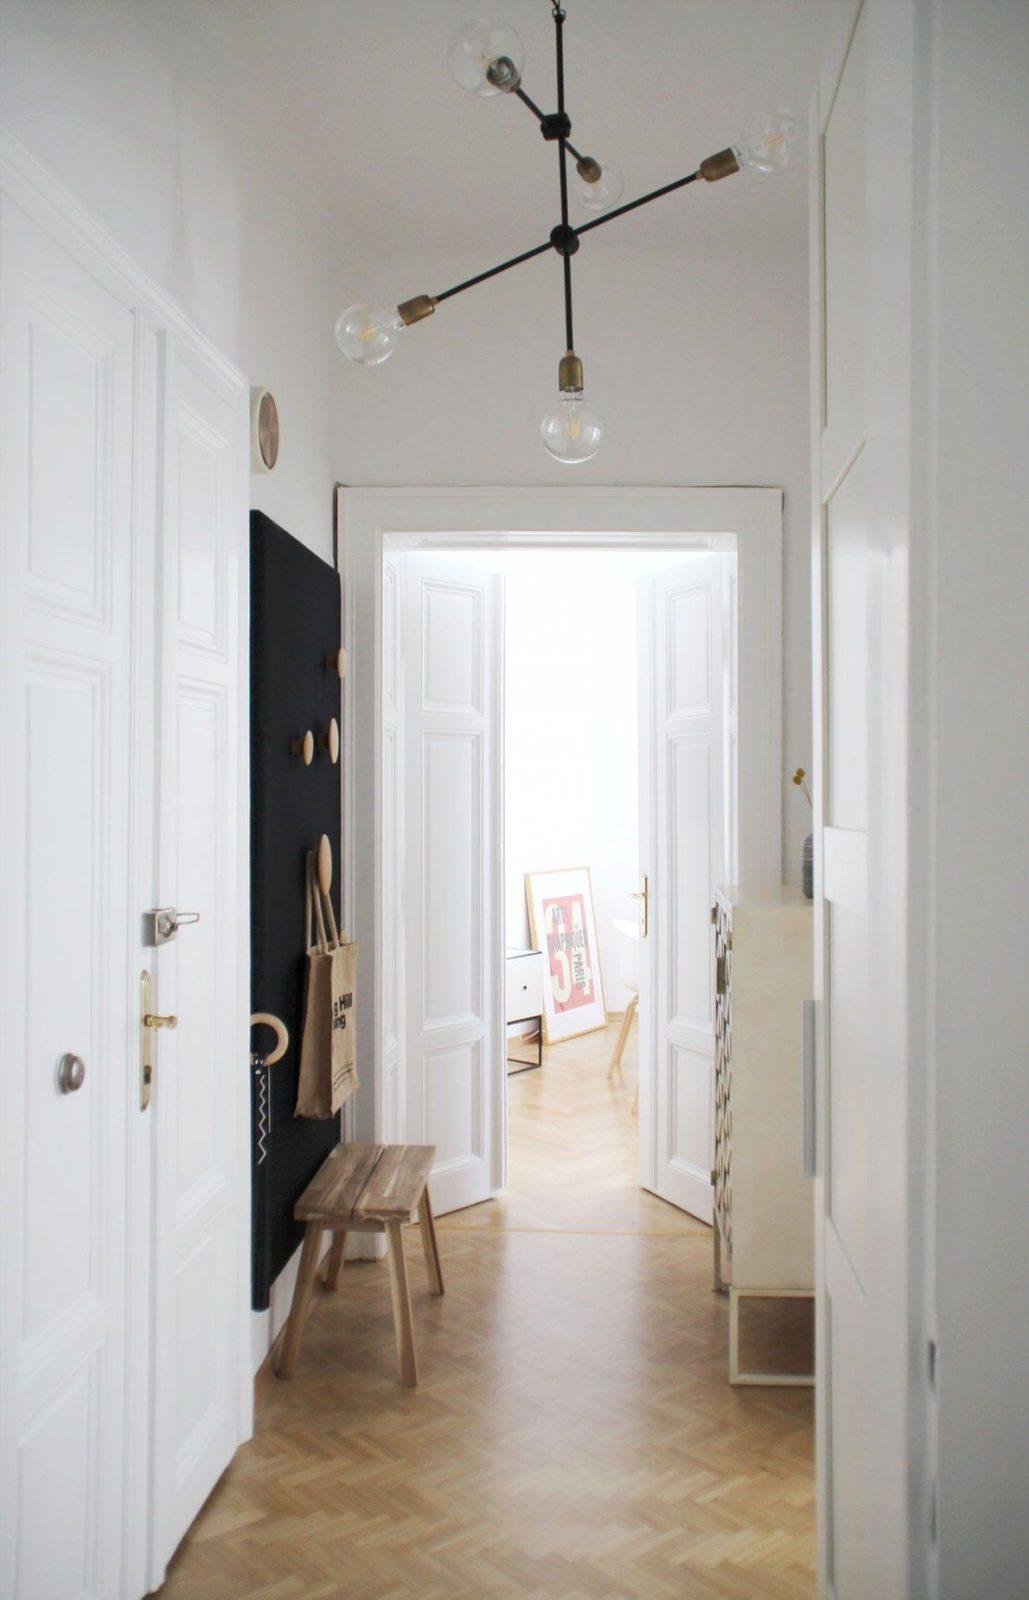 ... Die Schönsten Ideen Für Deinen Flur Von Wandgestaltung Flur Mit Treppe  Bild ...